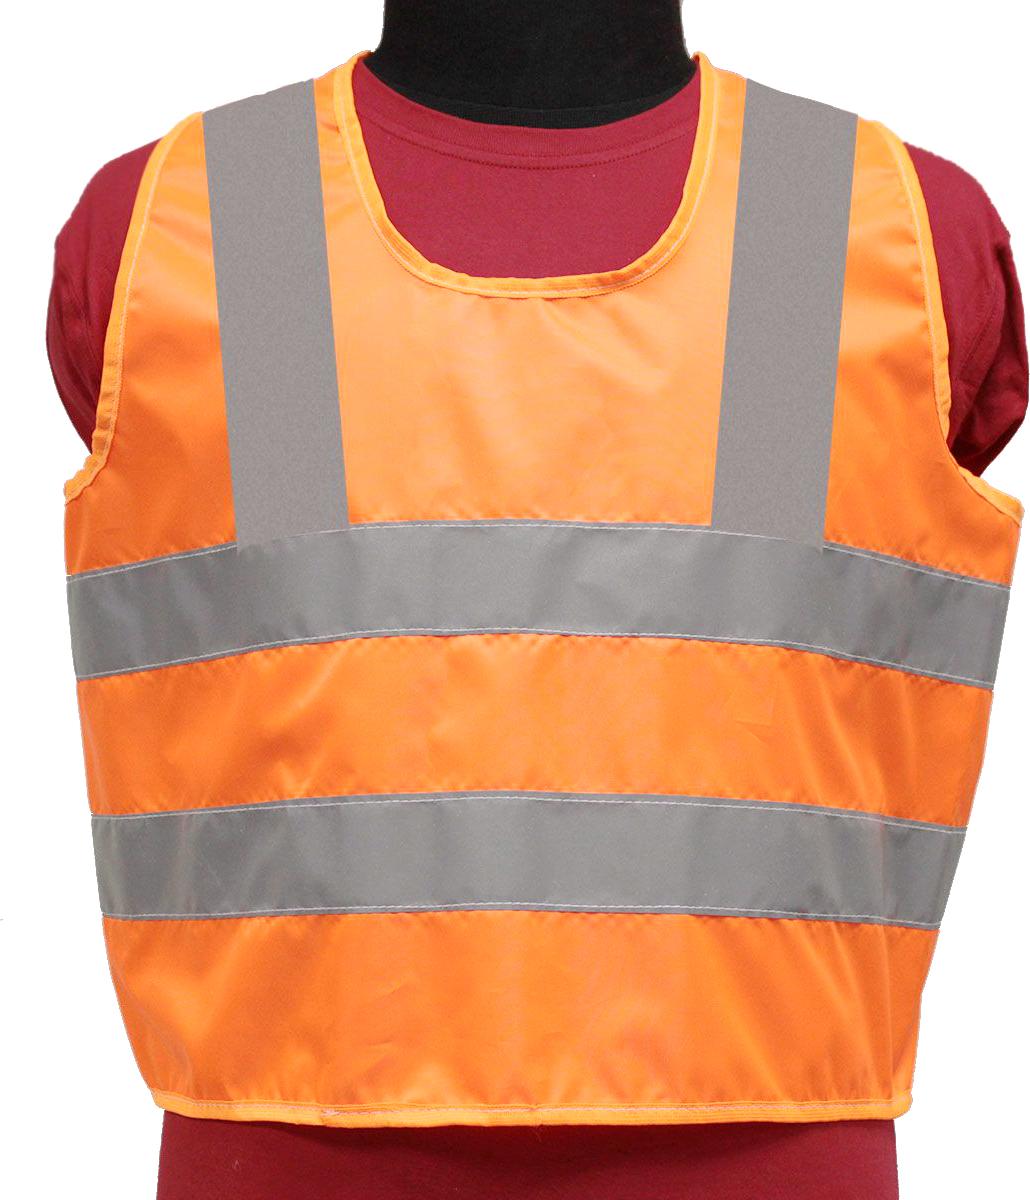 Жилет светоотражающий Tplus, детский, цвет: оранжевый, серый, возраст 7-12 летT014348Жилеты сигнальные (светоотражающие) способствуют снижению риска травматизма на дорогах посредством визуального обозначения человека днем и обеспечения его видимости в темноте. Размер: для детей от 7 до 12 лет Материал: оксфорд 210 Сигнал 150 гр\м2 Цвет: оранжевый Ширина световозвращающей ленты: 50 мм Соответсвует ПДД Класс защиты: 3 (увеличенная площадь отражающих элементов)